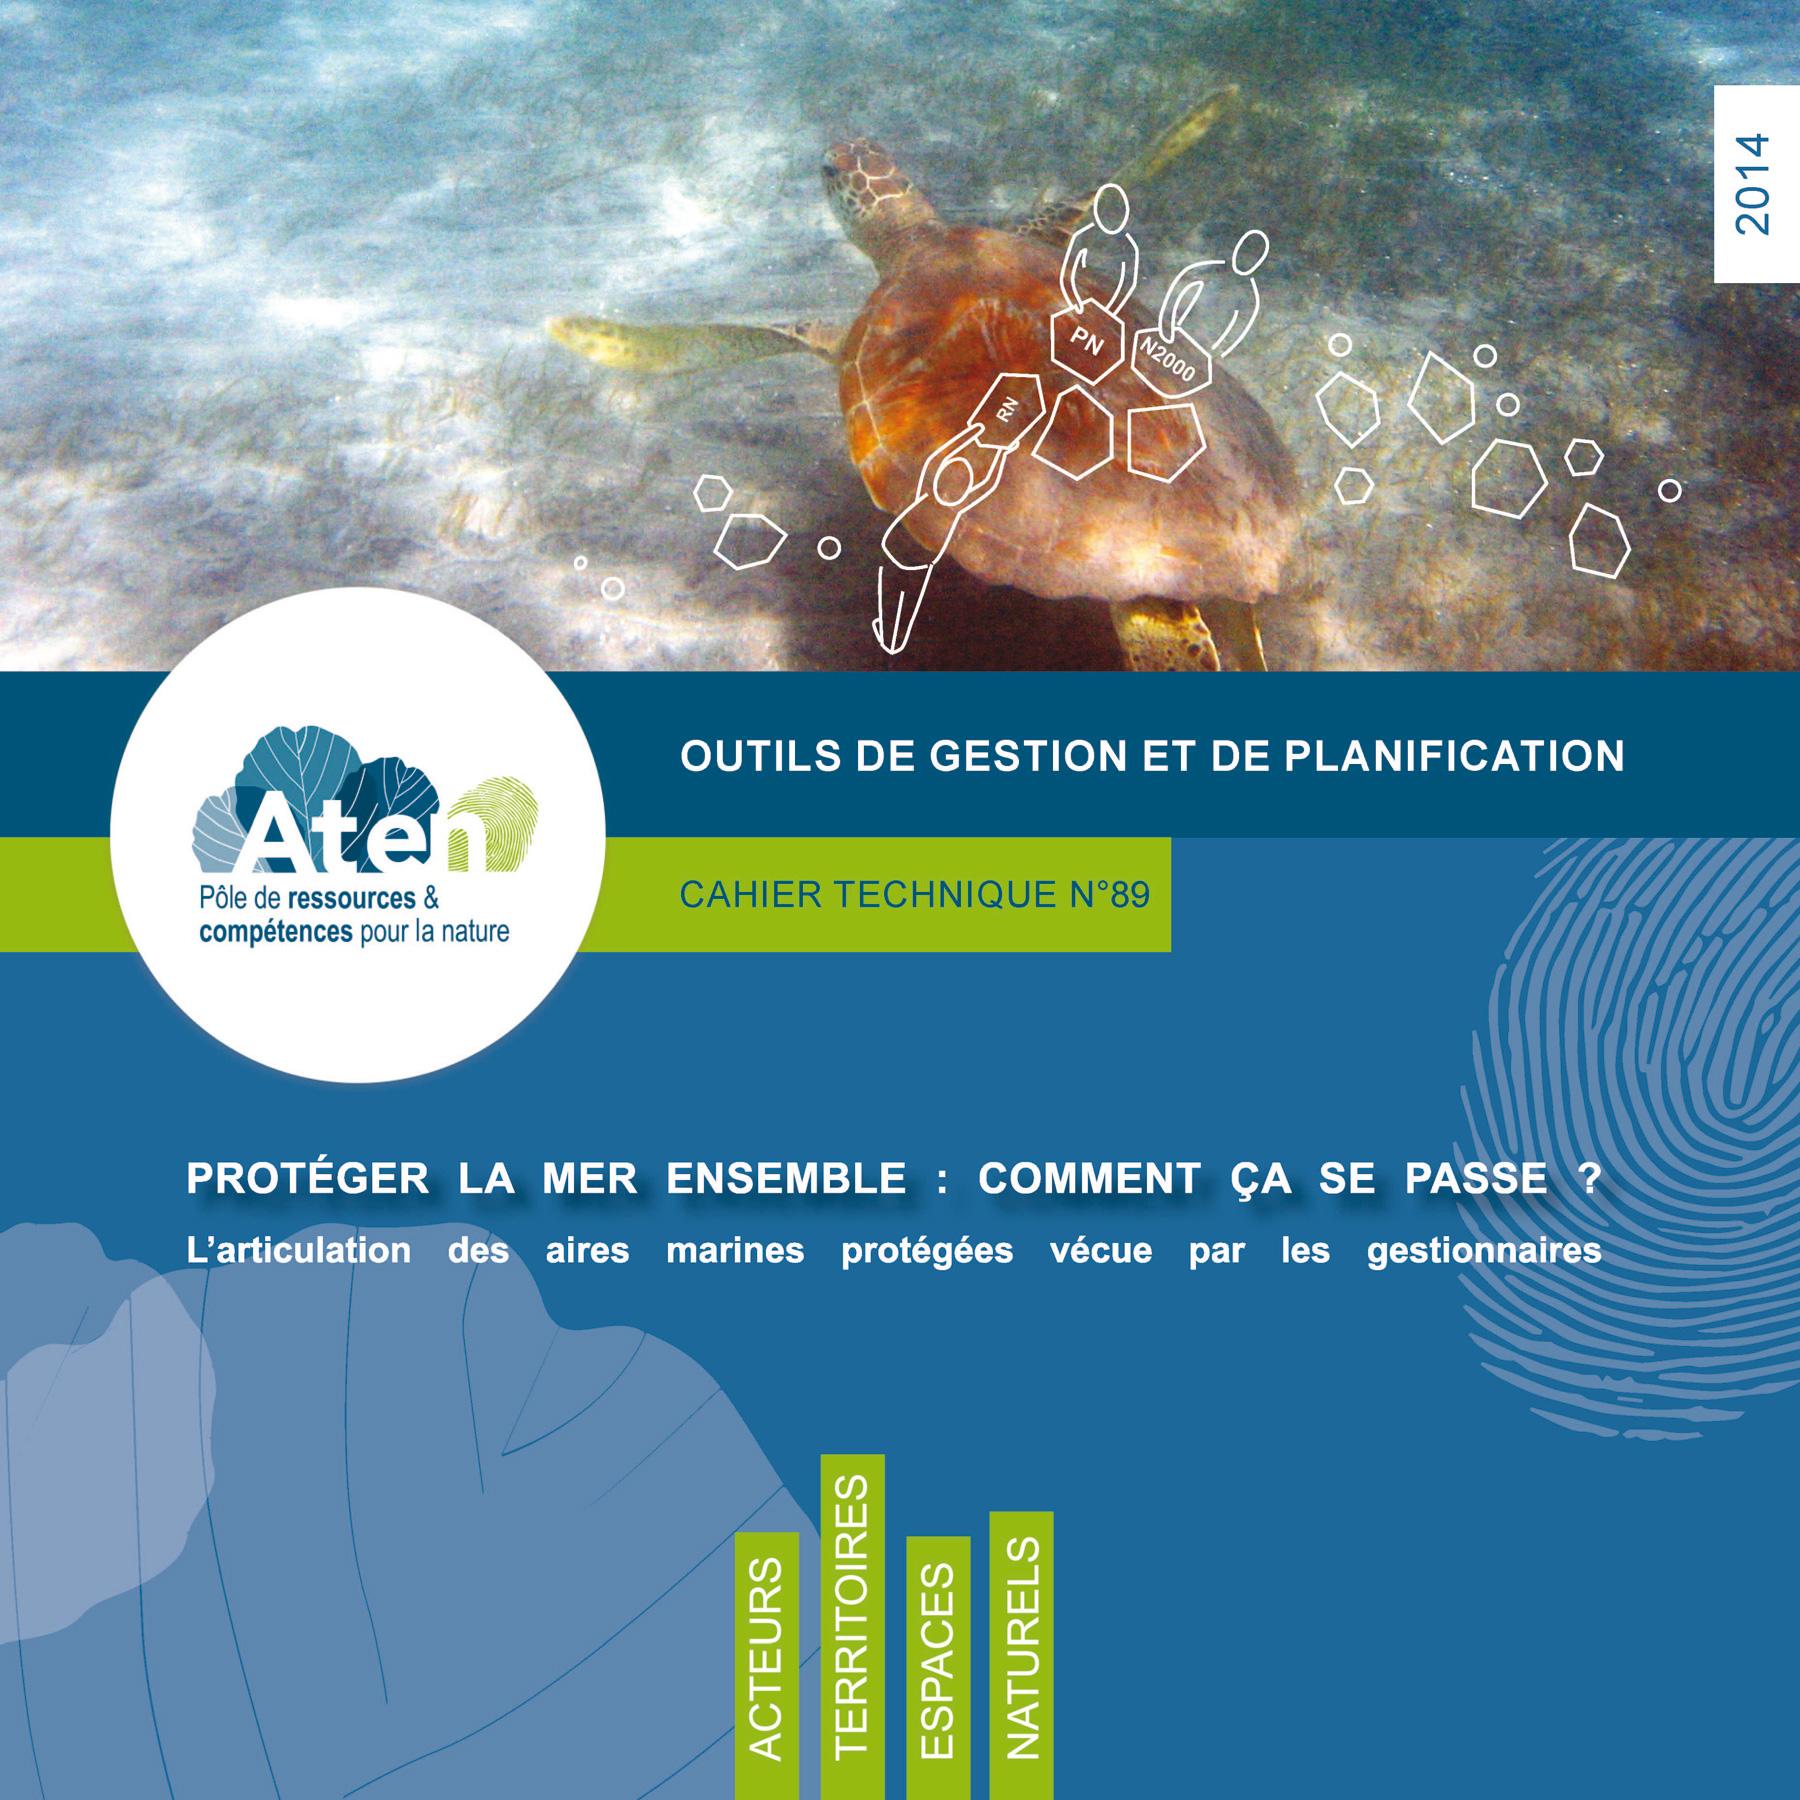 L. Luneau, E. Maison, Protéger la mer ensemble : comment ça se passe ? ATEN / Agence française pour la biodiversité, 2014, Coll.